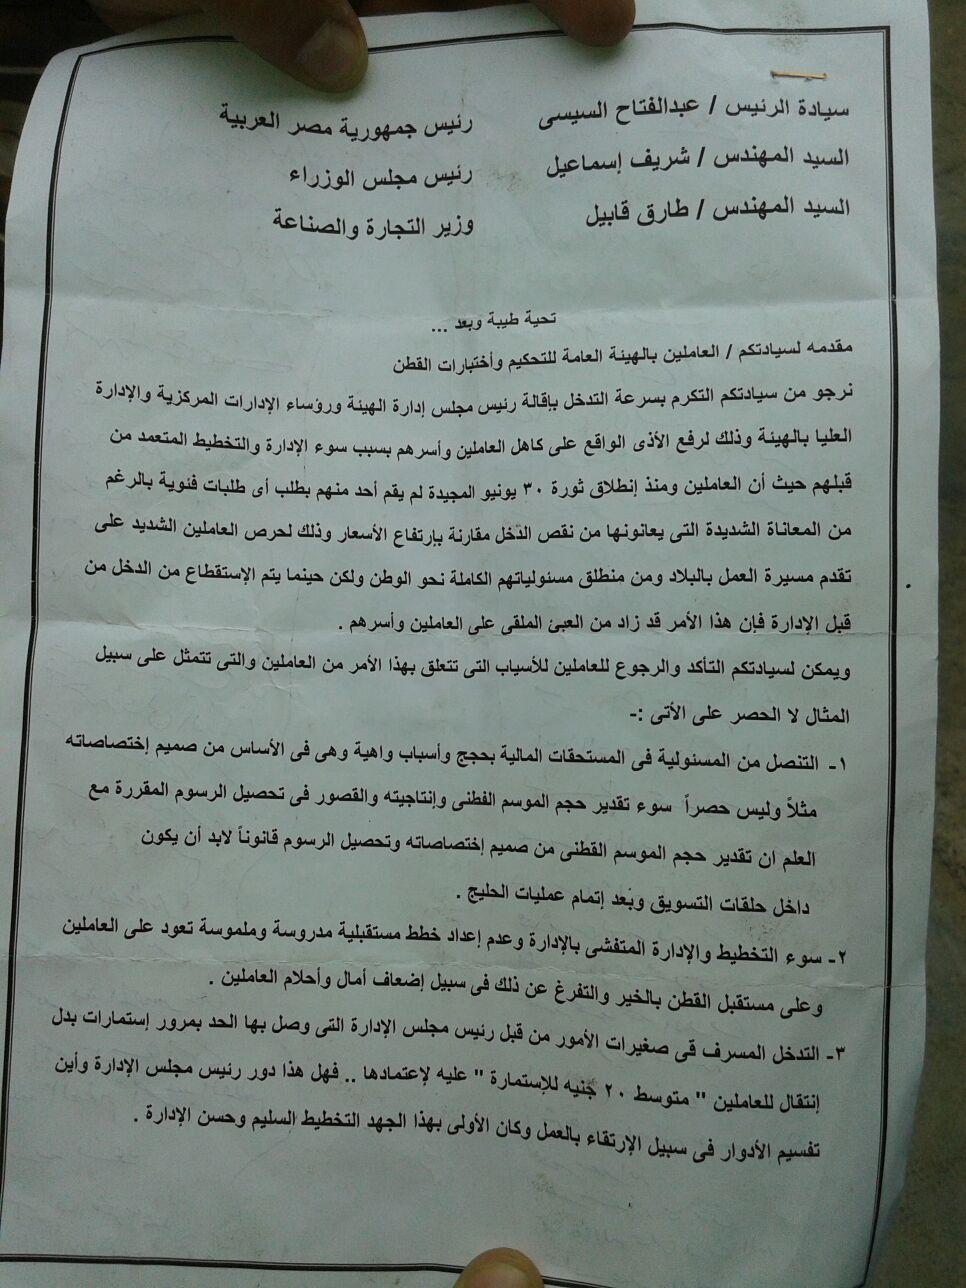 بالصور.. وقفة العاملين في «اختبارات القطن» بالإسكندرية لإقالة مجلس إدارتها